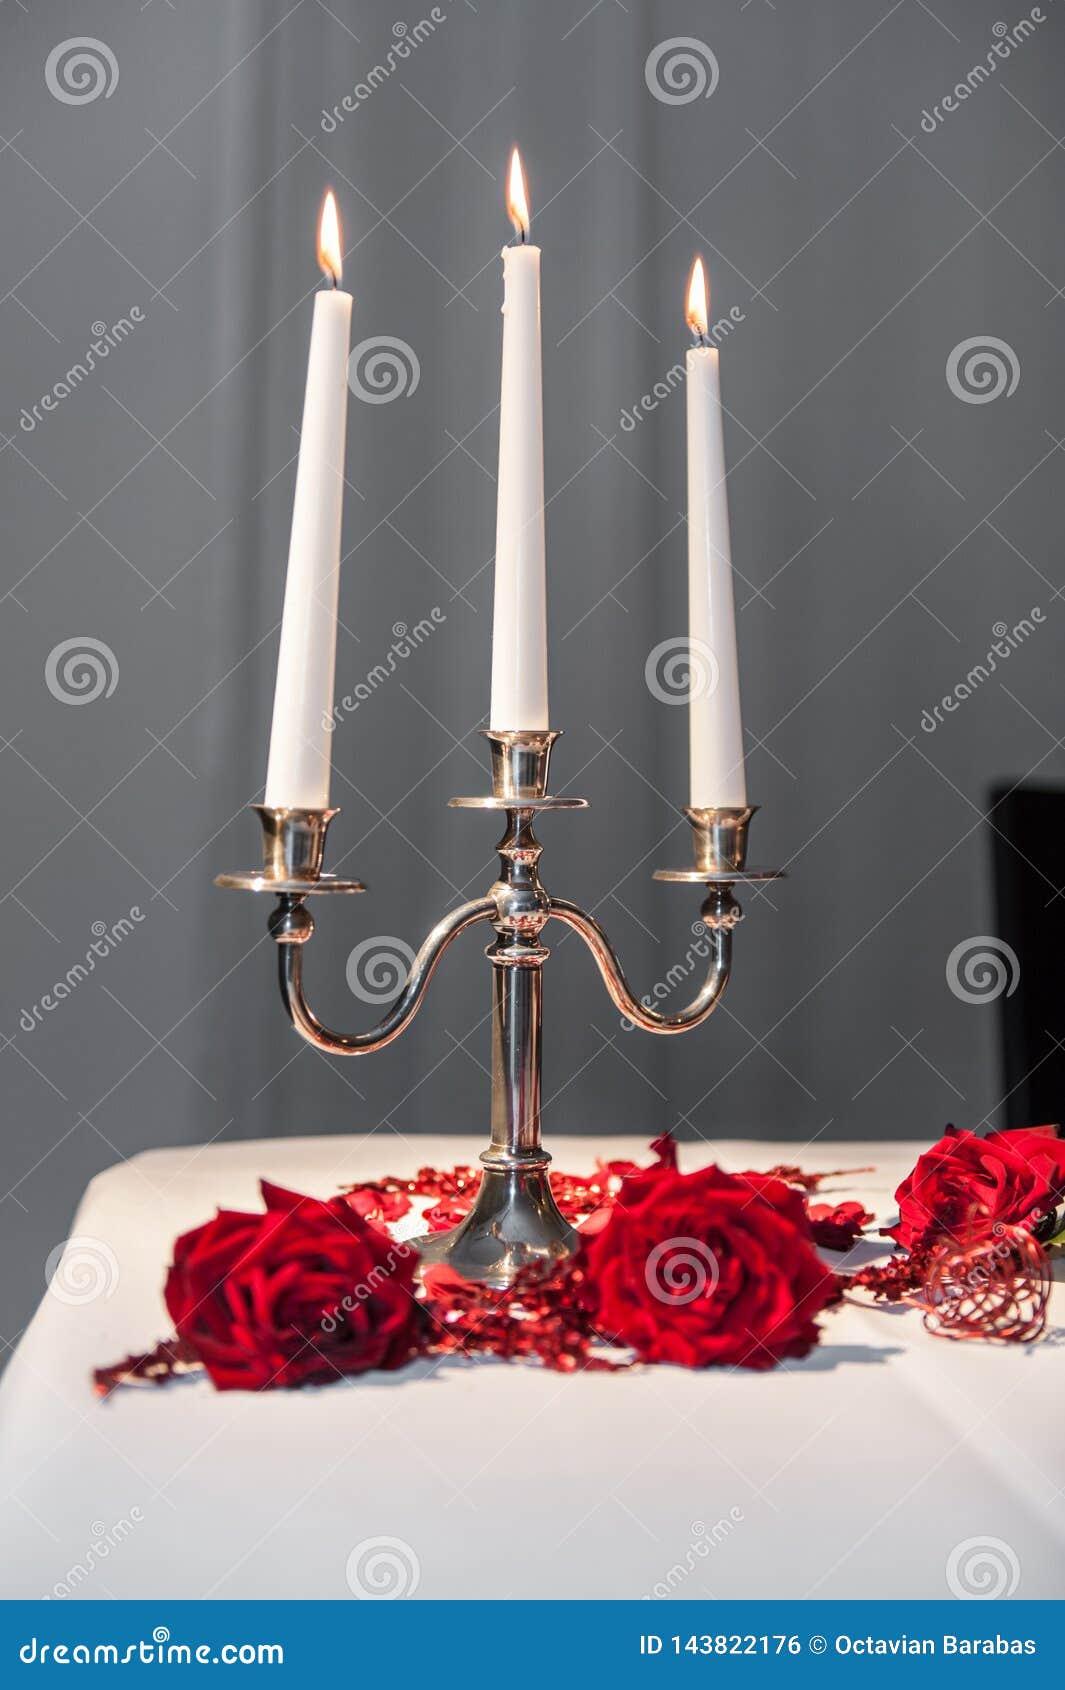 Drei Kerzen im Kerzenhalter